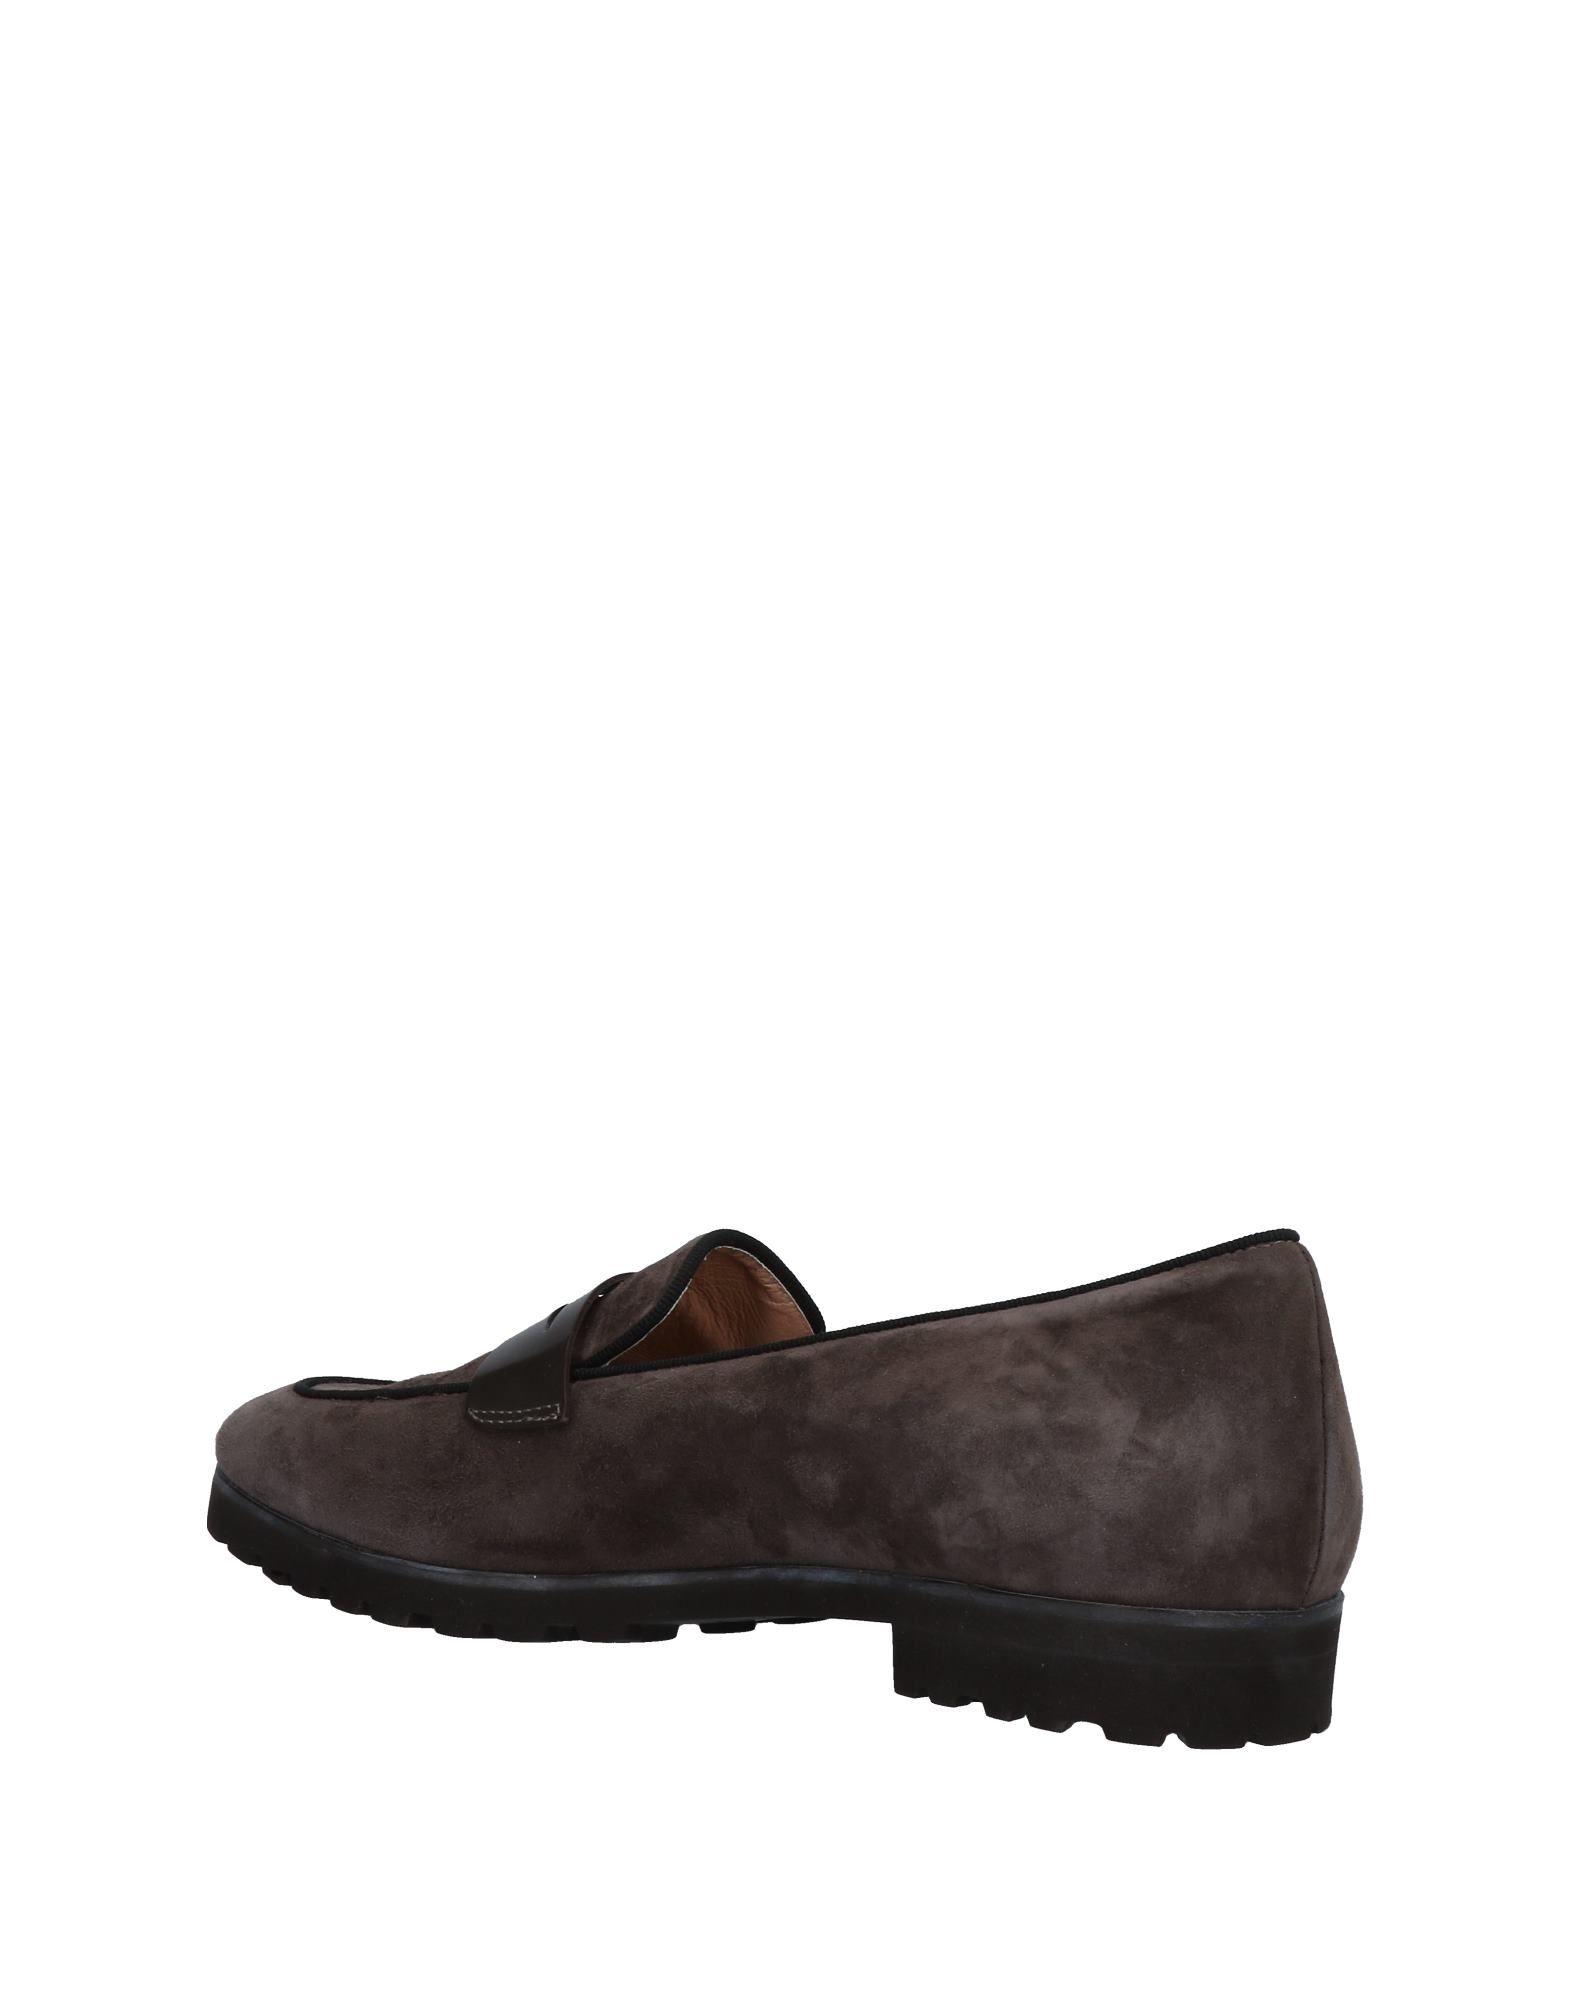 Bruschi Mokassins Damen  Schuhe 11483725SW Gute Qualität beliebte Schuhe  f48678